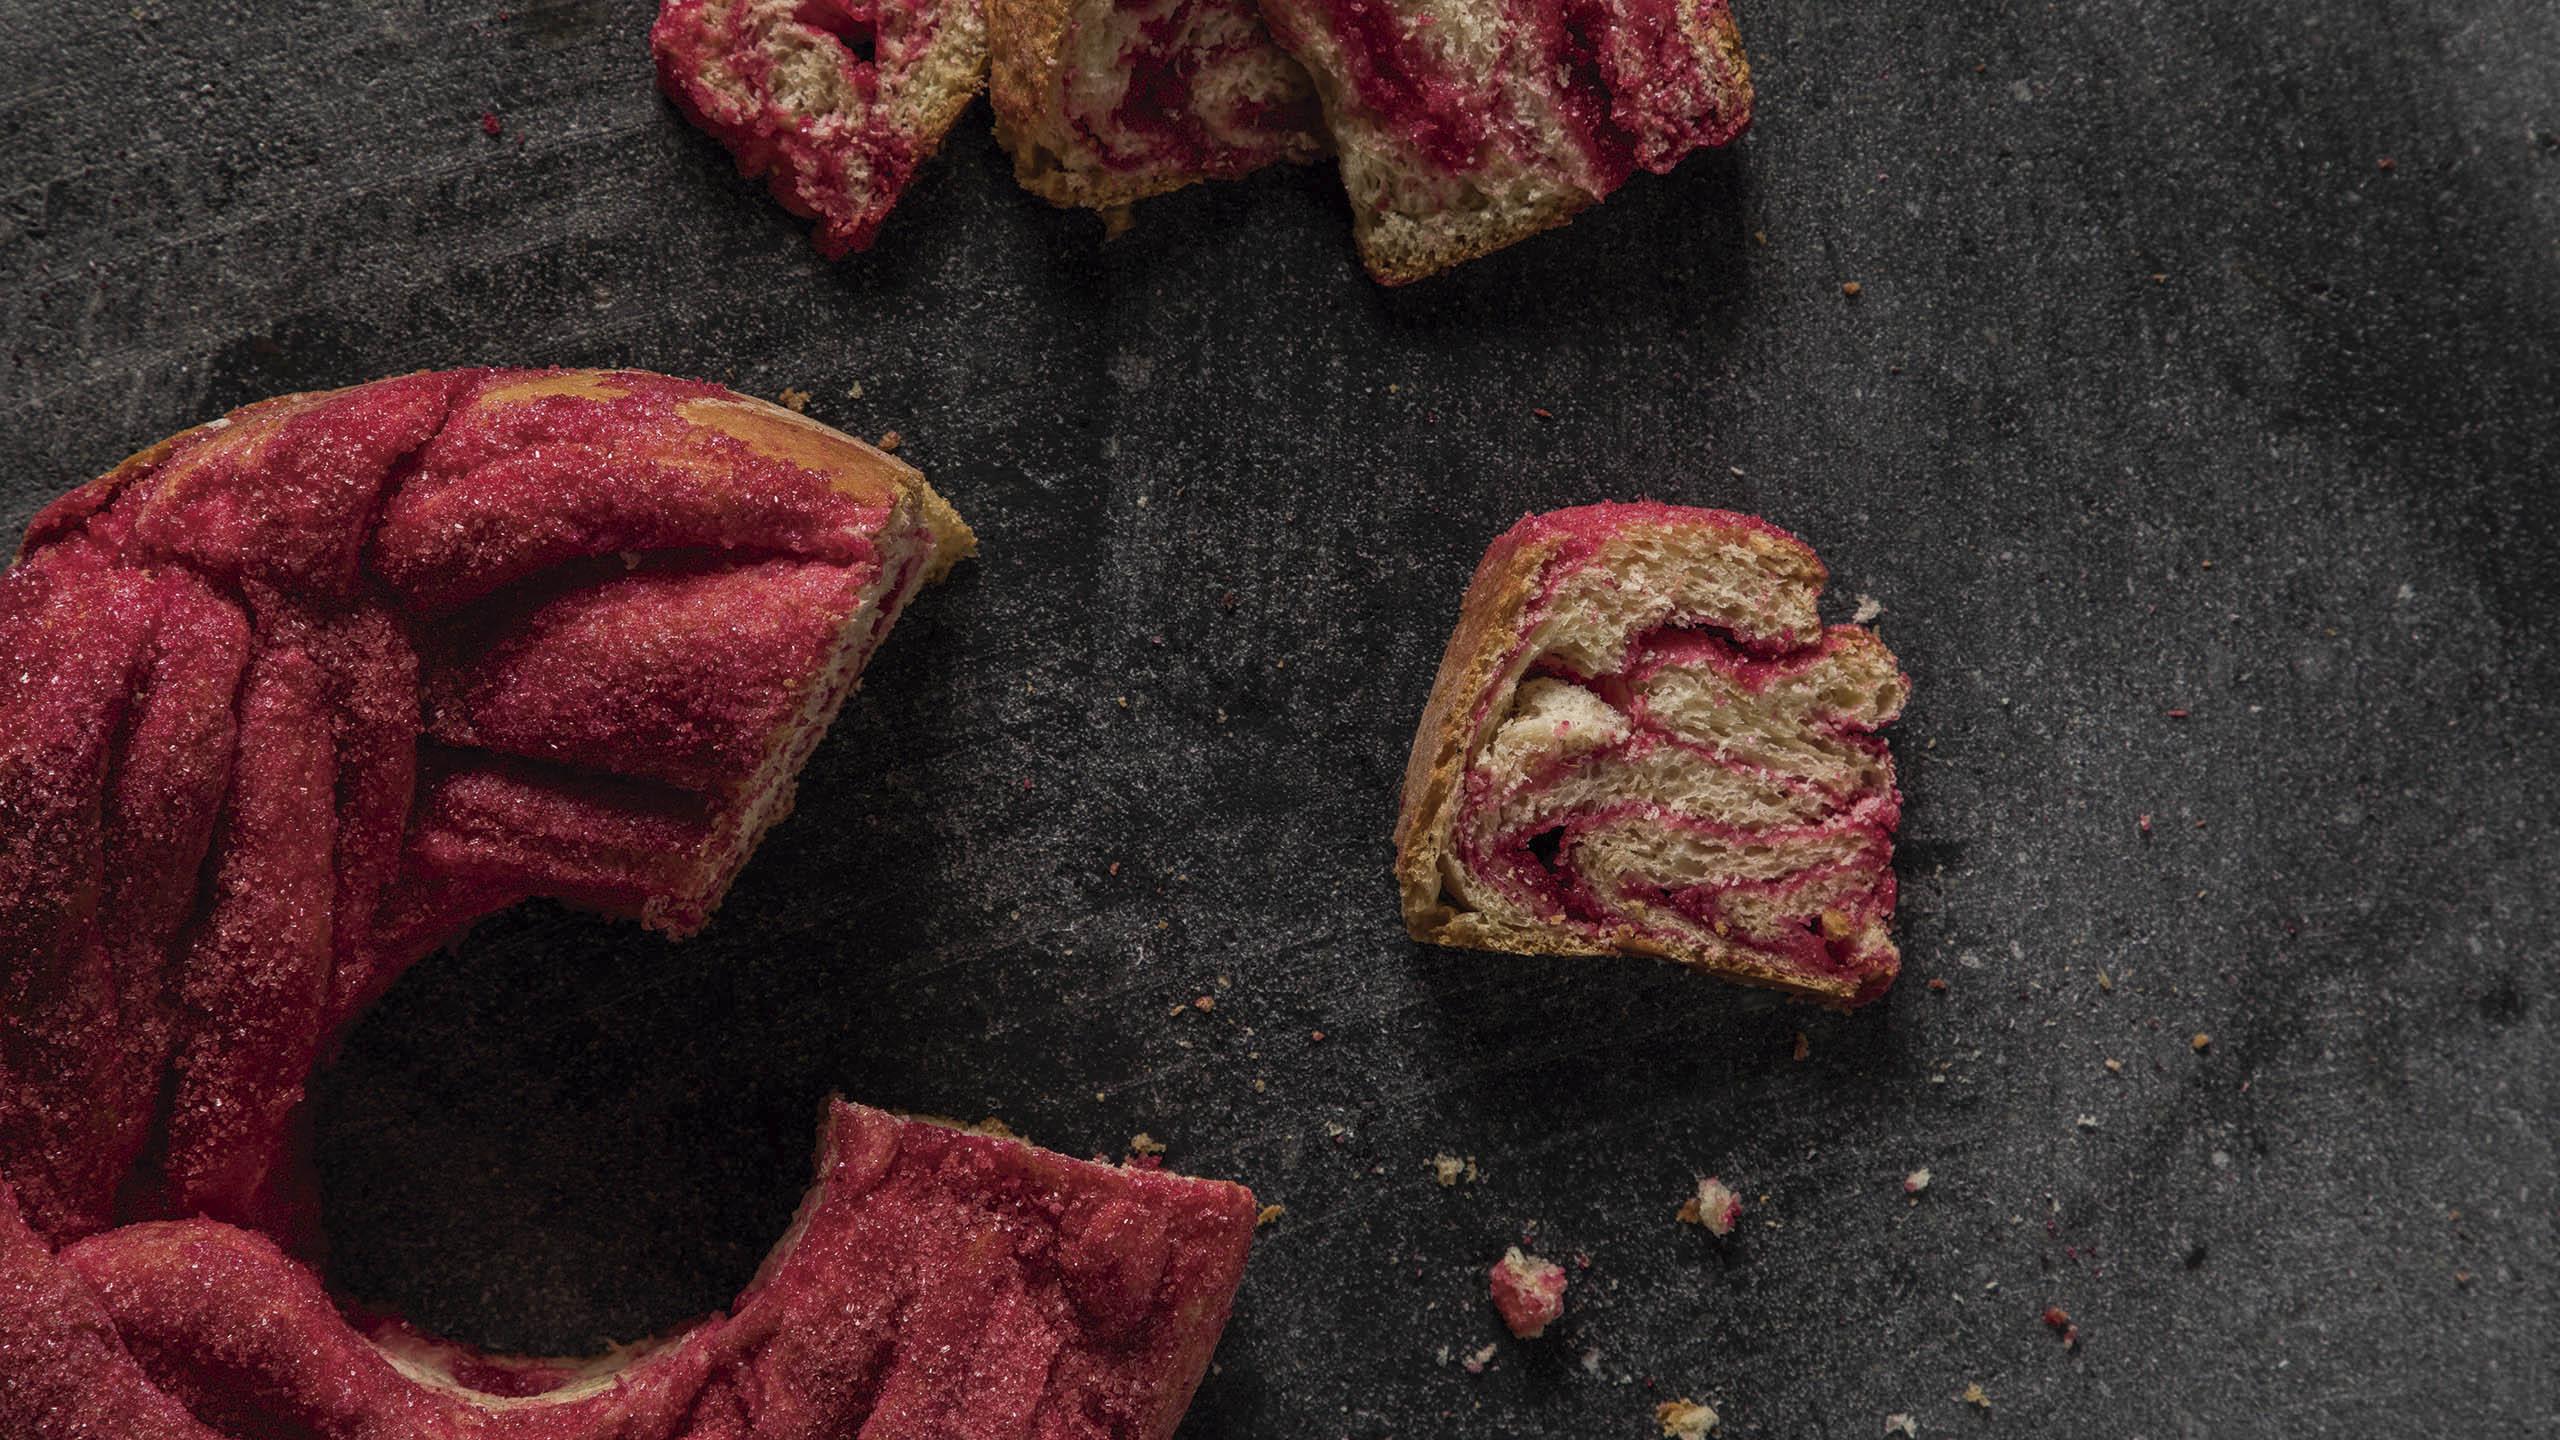 babka, babka rosa, hornea la portada, panadería, receta